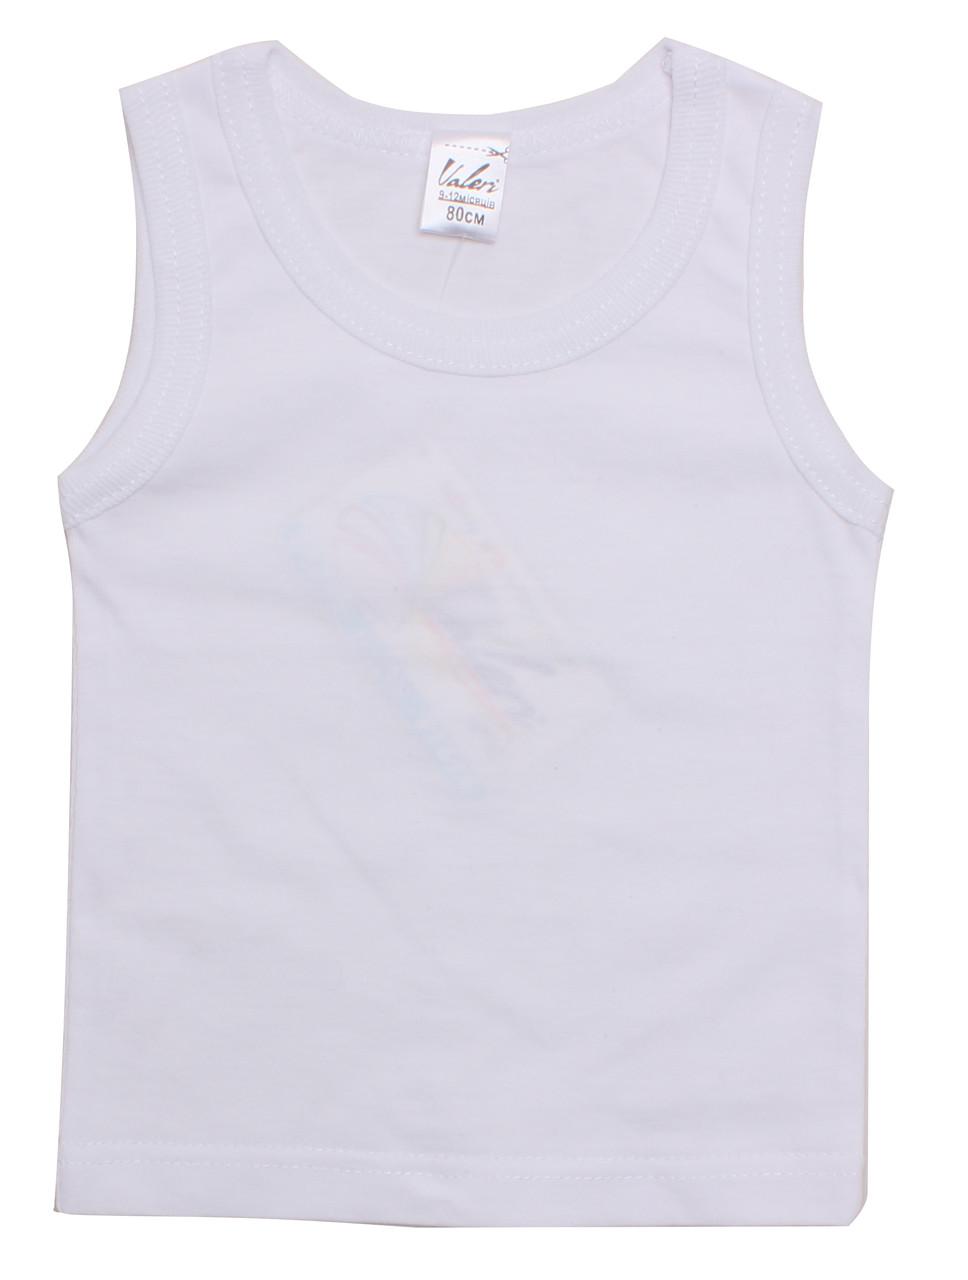 Майка   0052-99-028-002 80 см Белый